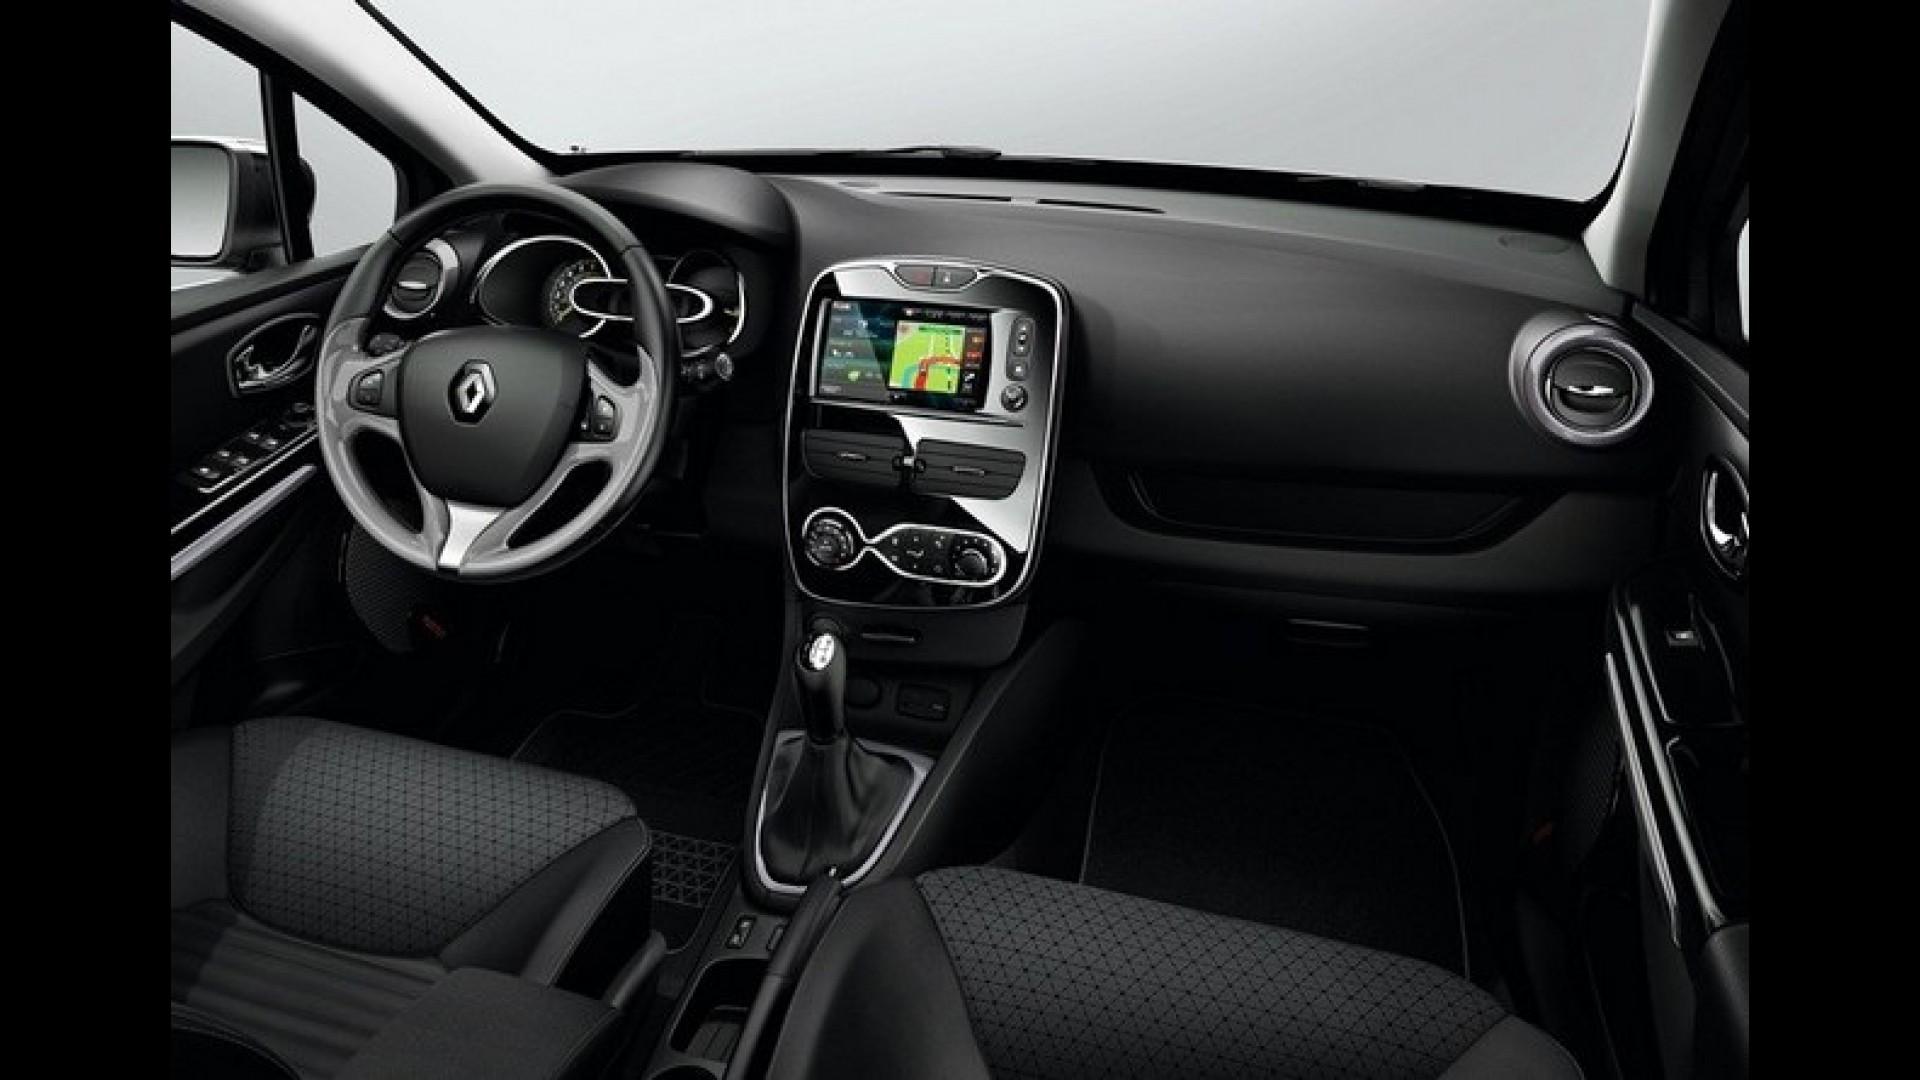 Novo Renault Clio 2013 Veja Mais Fotos Do Modelo Incluindo